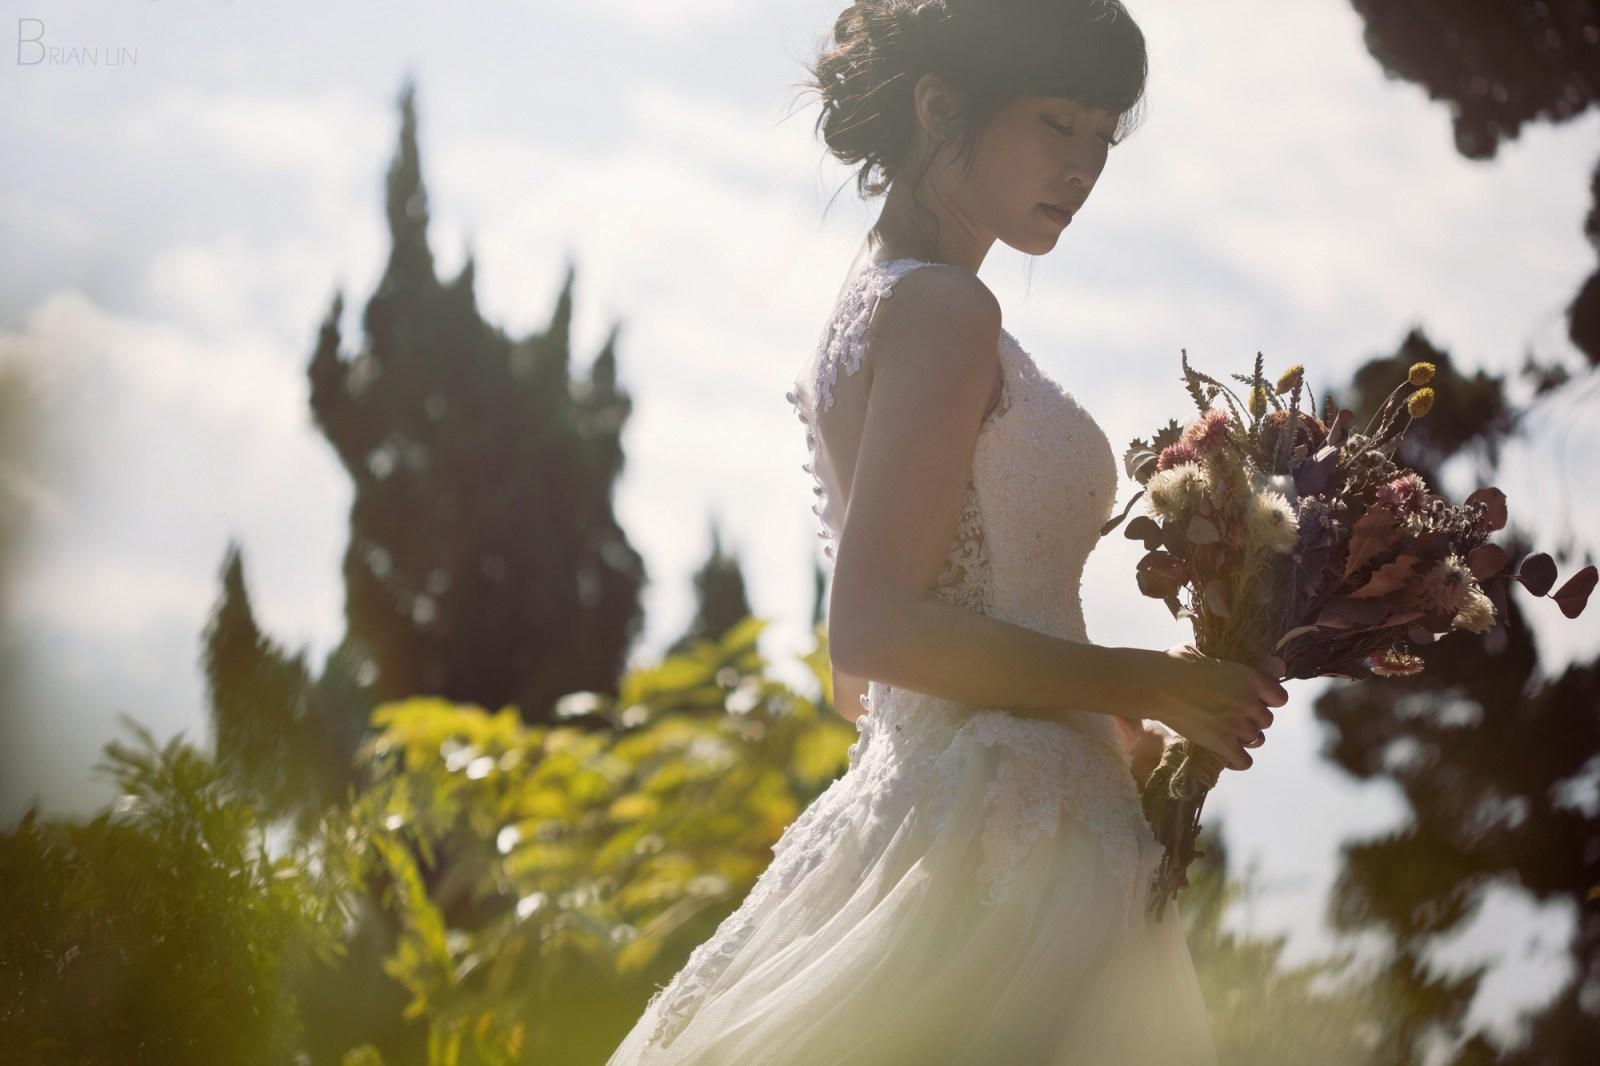 手工婚紗評價,自助婚紗,婚紗照風格,手工婚紗,板橋,臺北,中壢,新竹,臺南,高雄